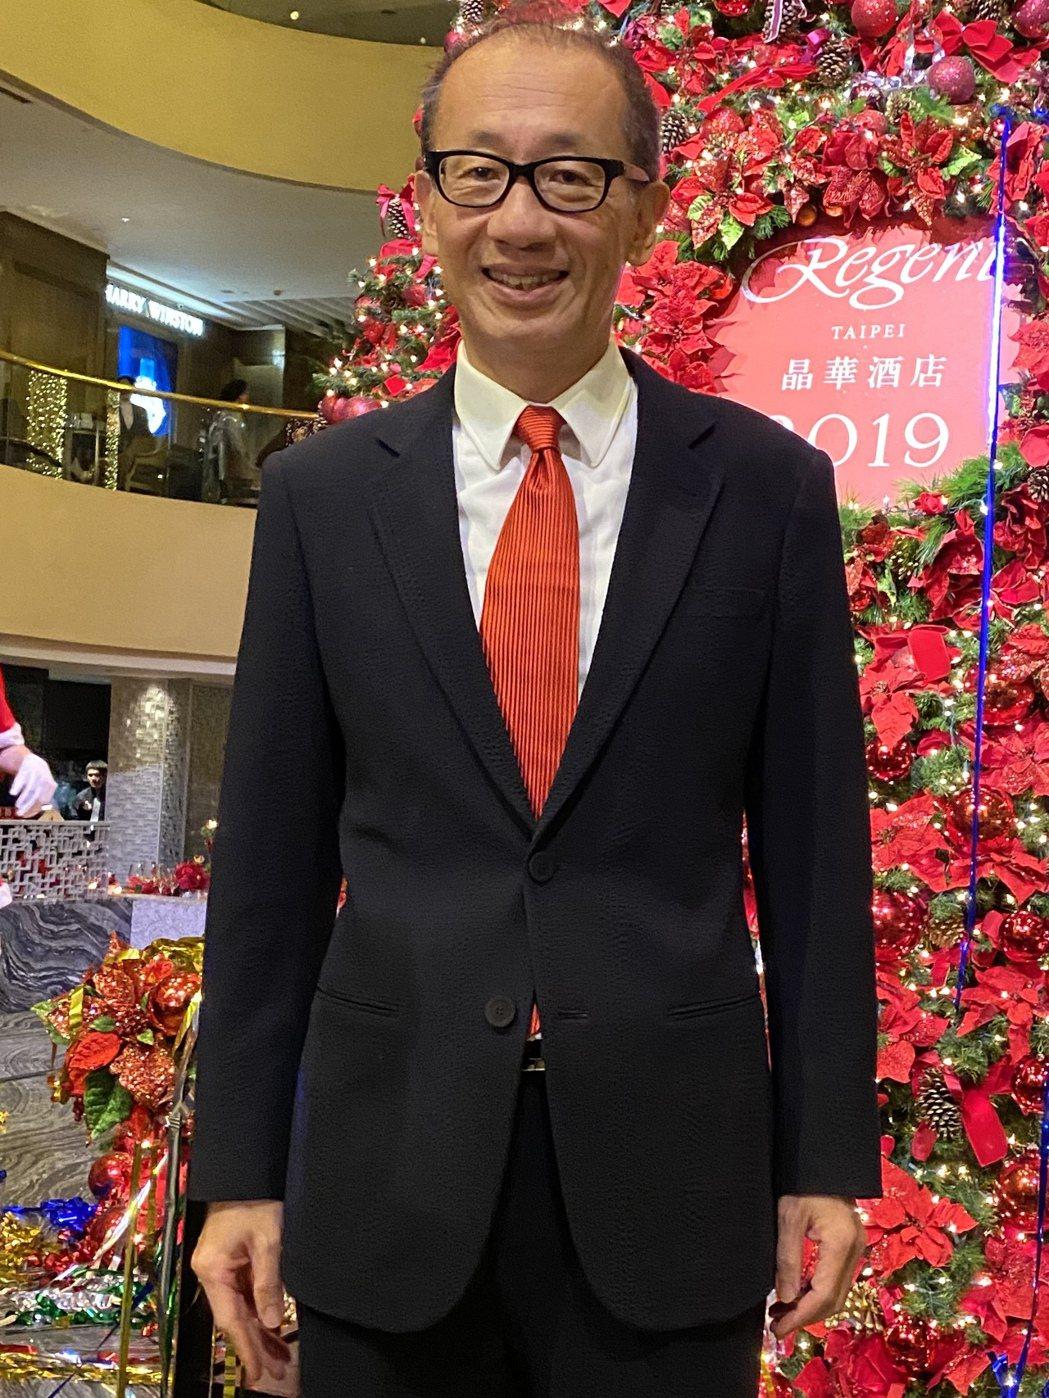 晶華酒店董事長潘思亮主持聖誕點燈儀式。記者黃文奇/攝影